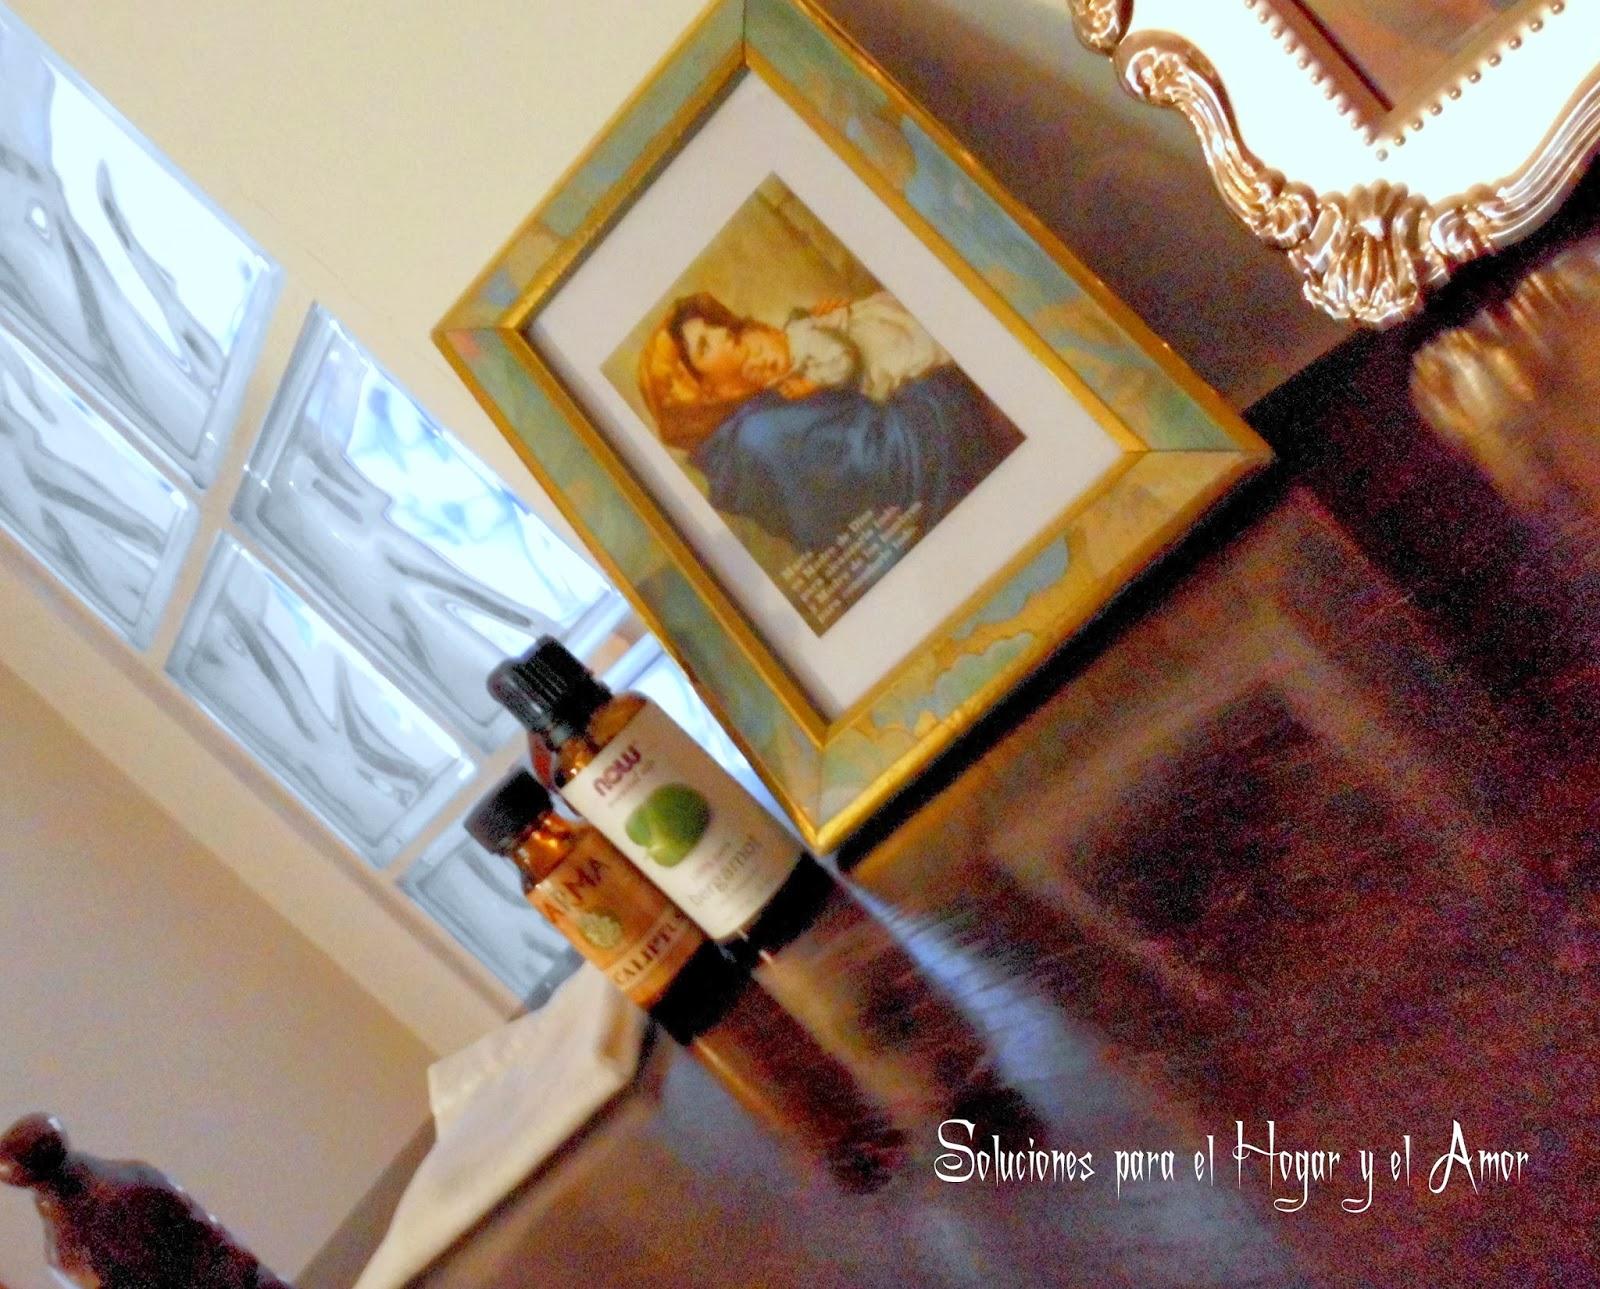 Como limpiar muebles de madera